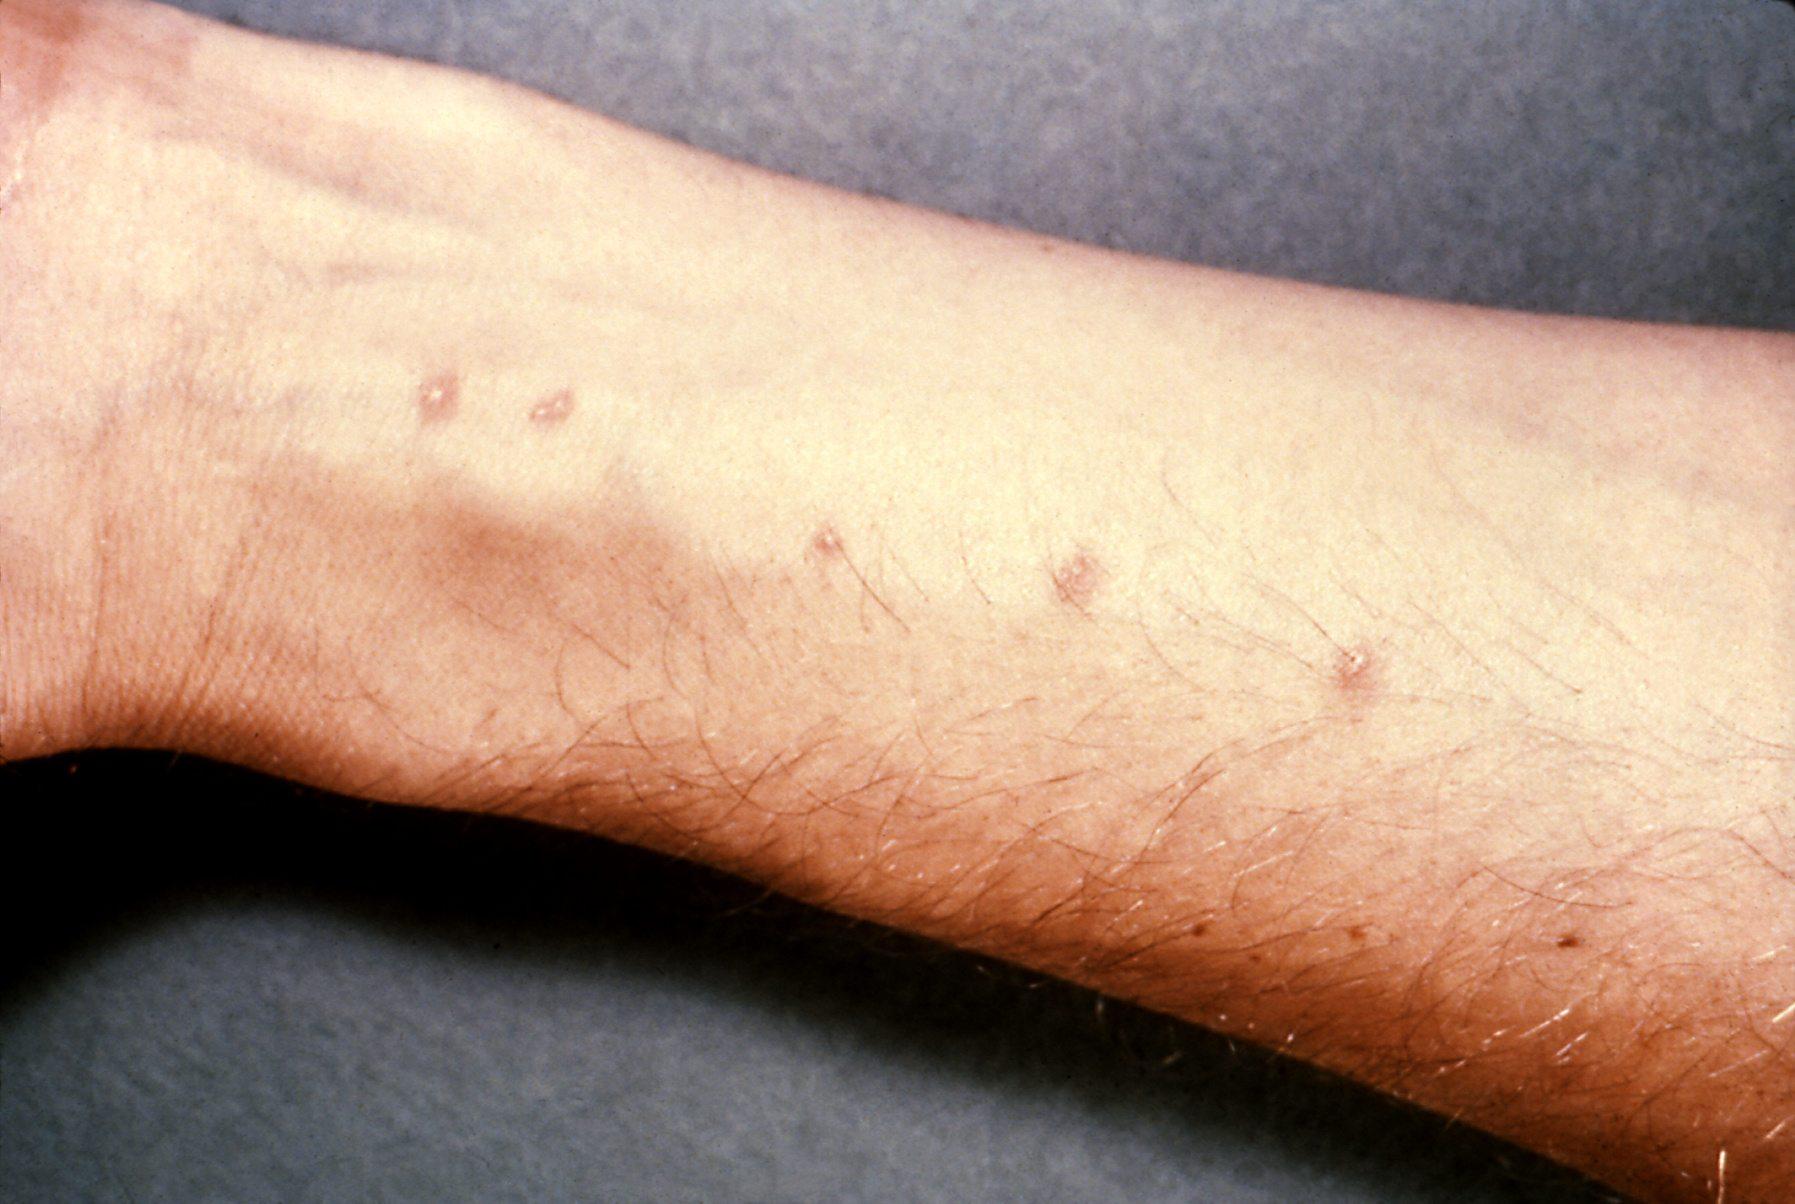 doenças tropicais esquistossomose